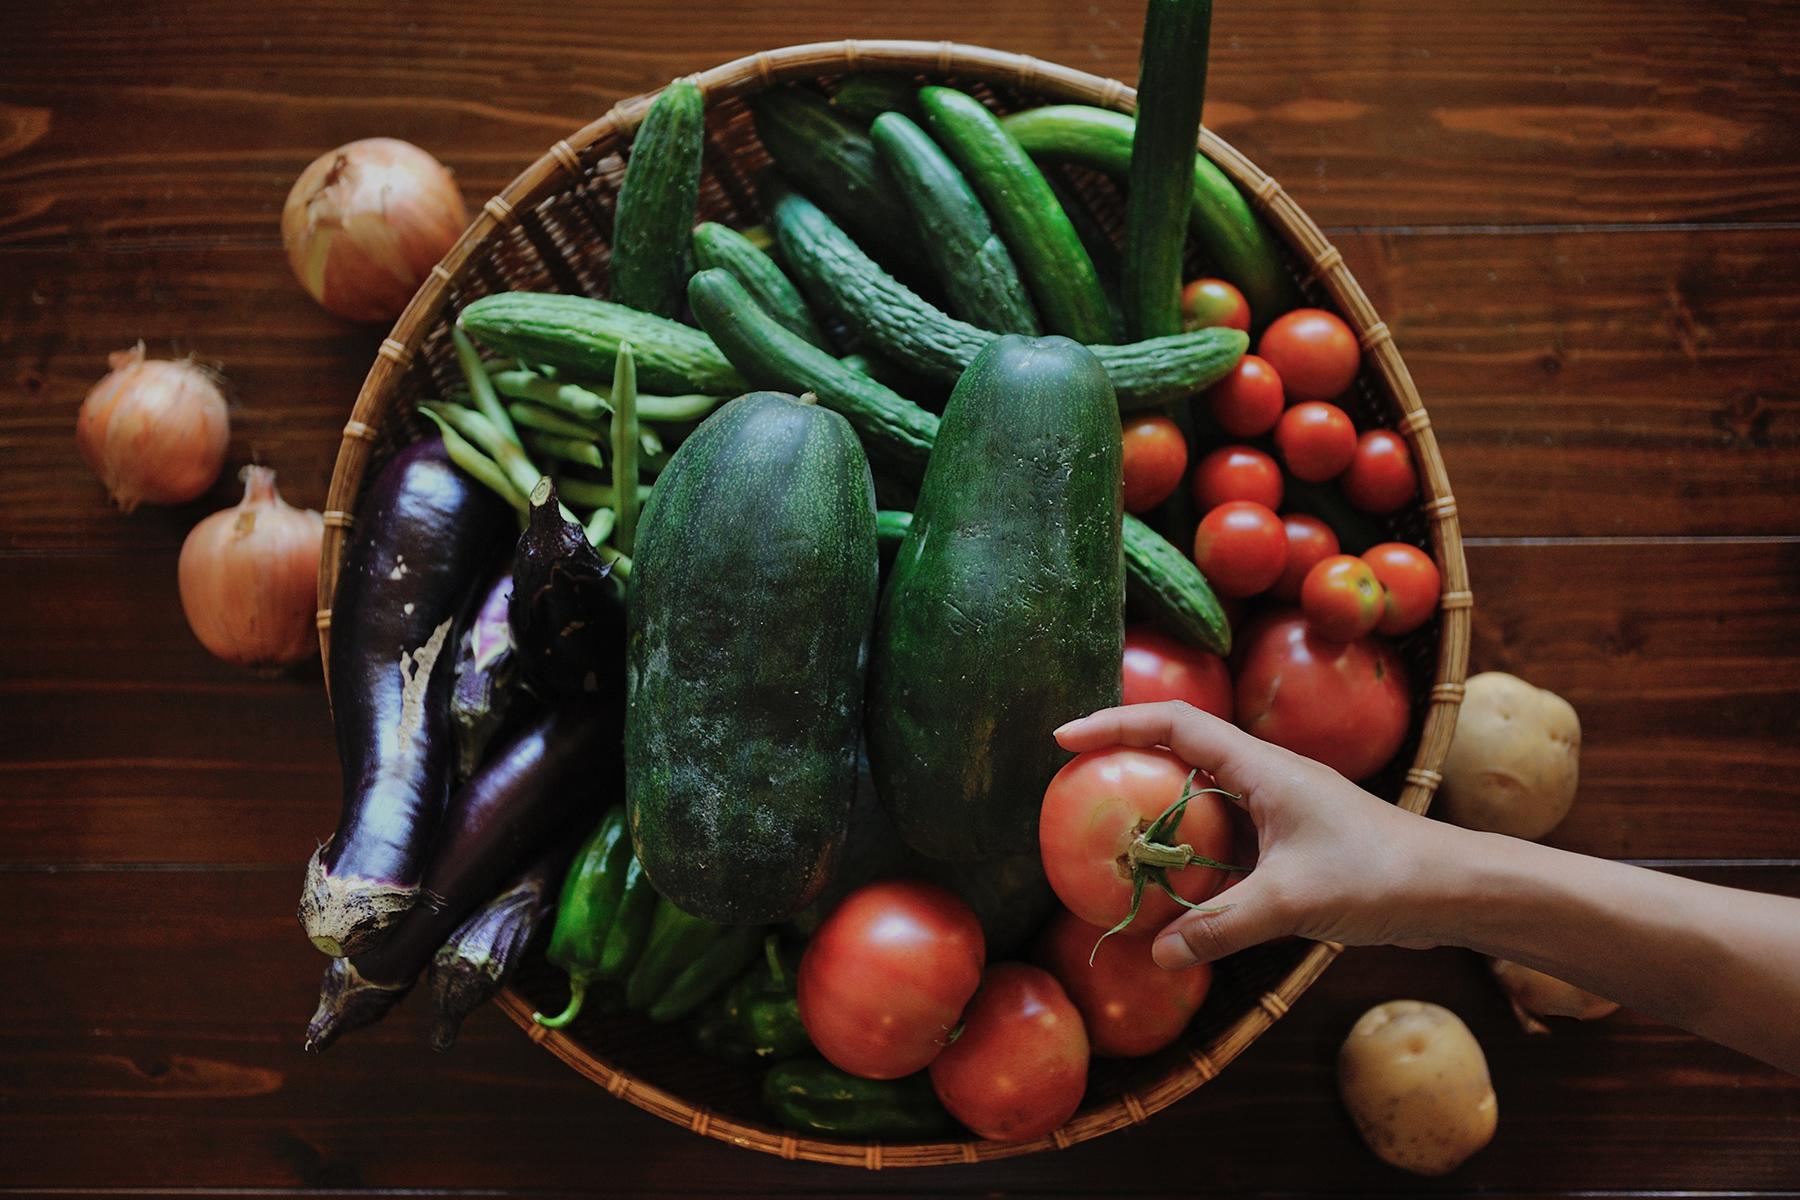 野菜籠盛り